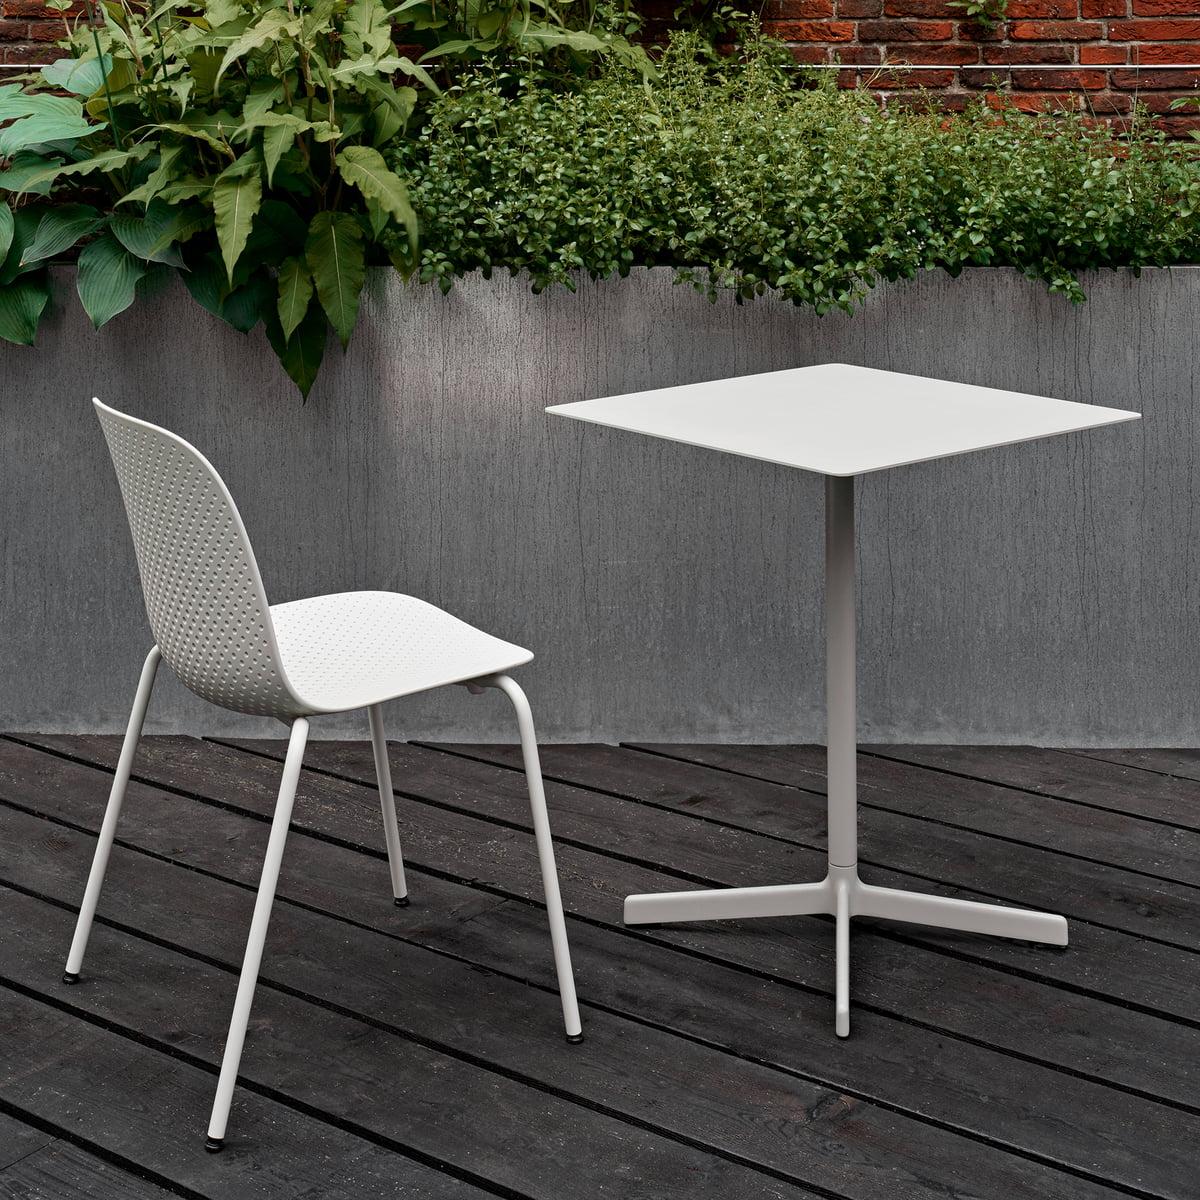 Table Pour Balcon Étroit hay - table neu, 60 x 60 cm, gris clair